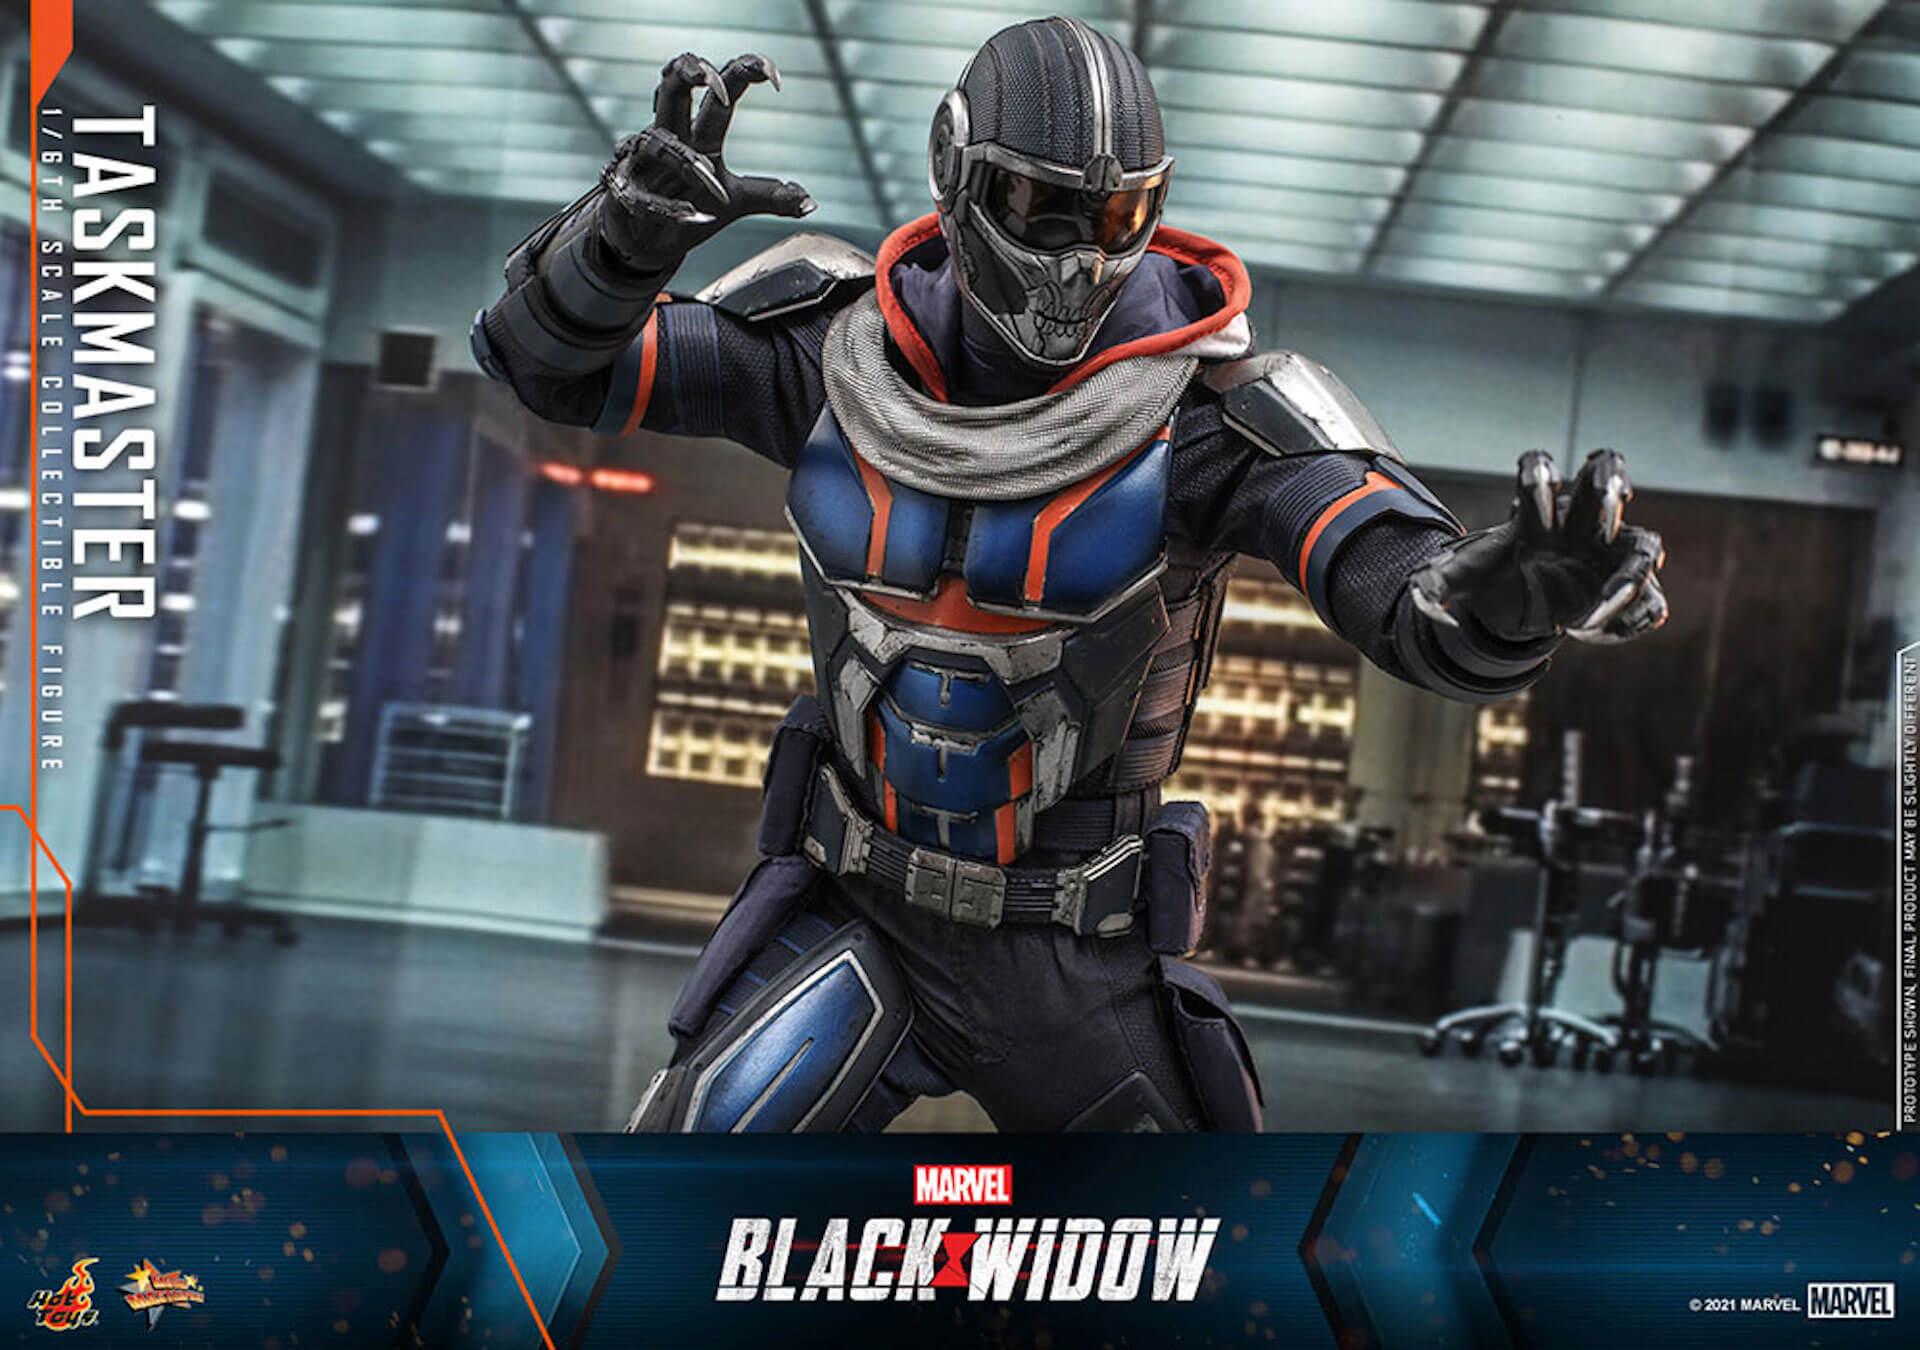 マーベル・スタジオ『ブラック・ウィドウ』のブラック・ウィドウ&タスクマスターがホットトイズの1/6スケールフィギュアになって登場! art210618_hottoys_blackwidow_5